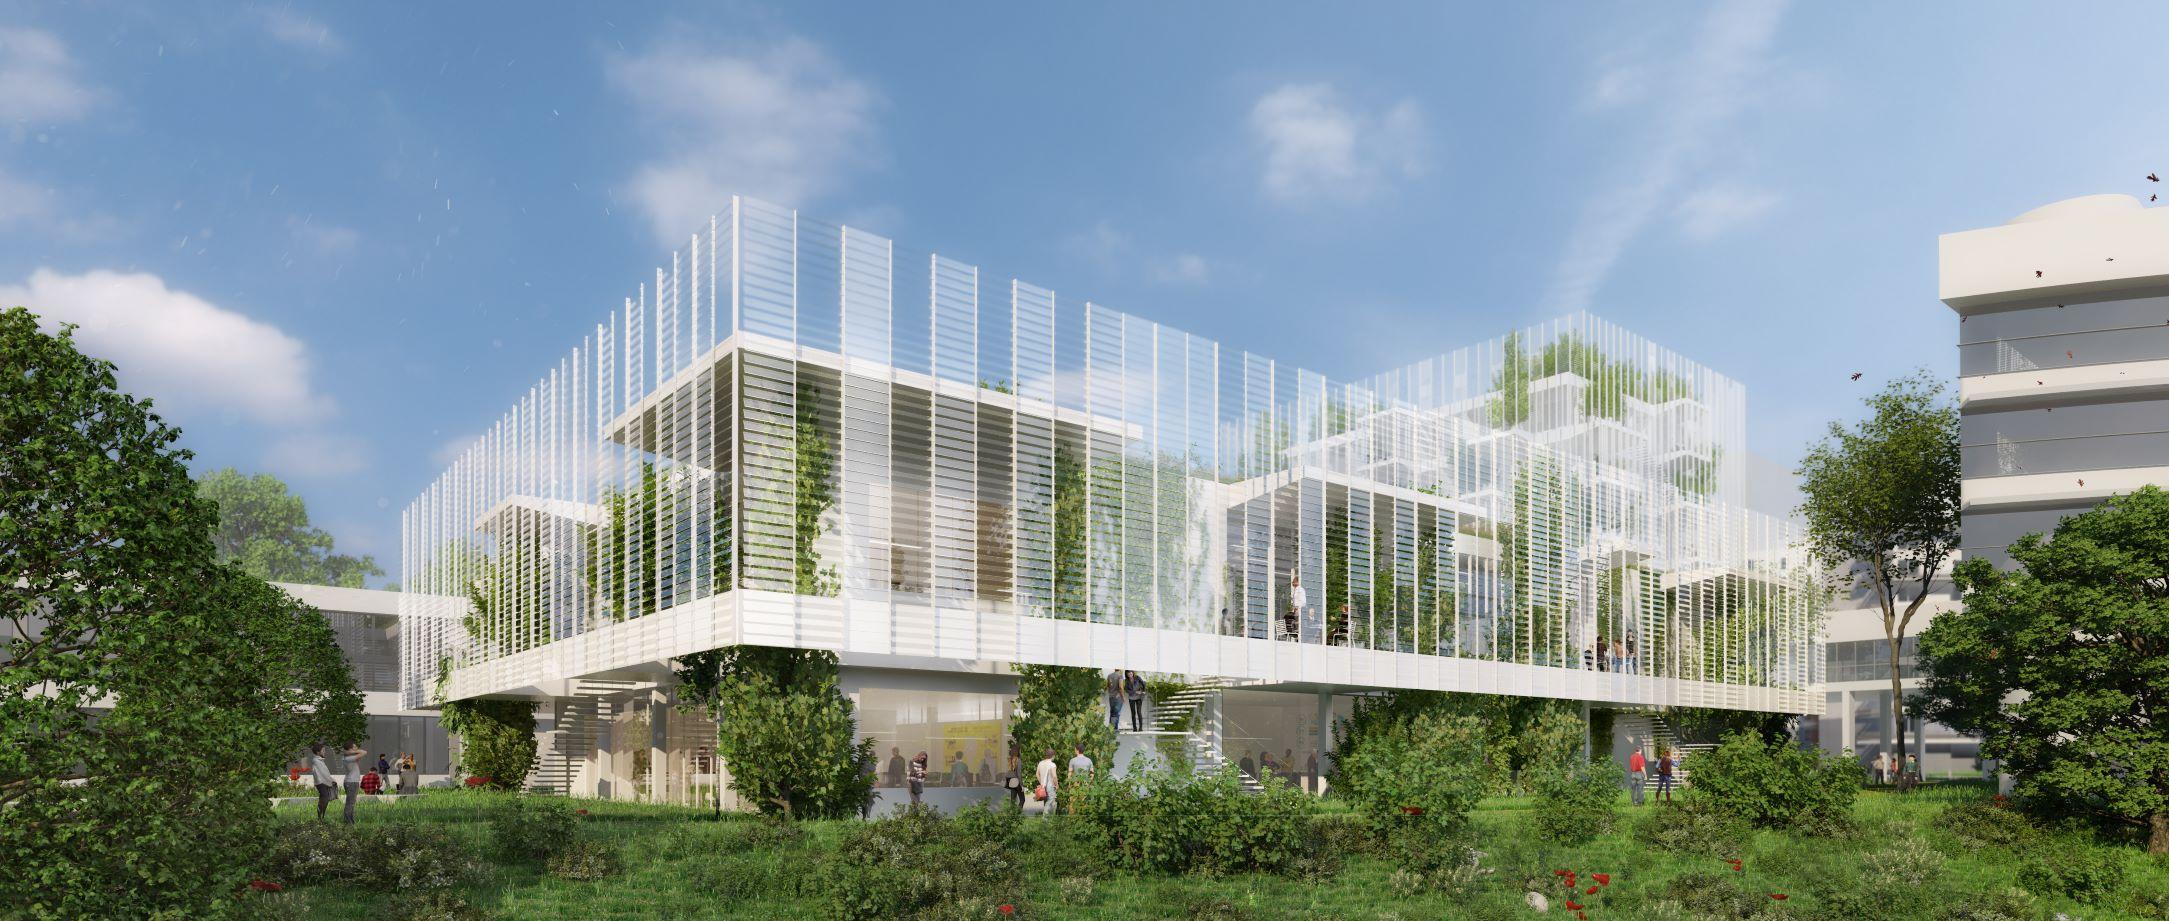 Essec 2020 ©Architecture-Studio